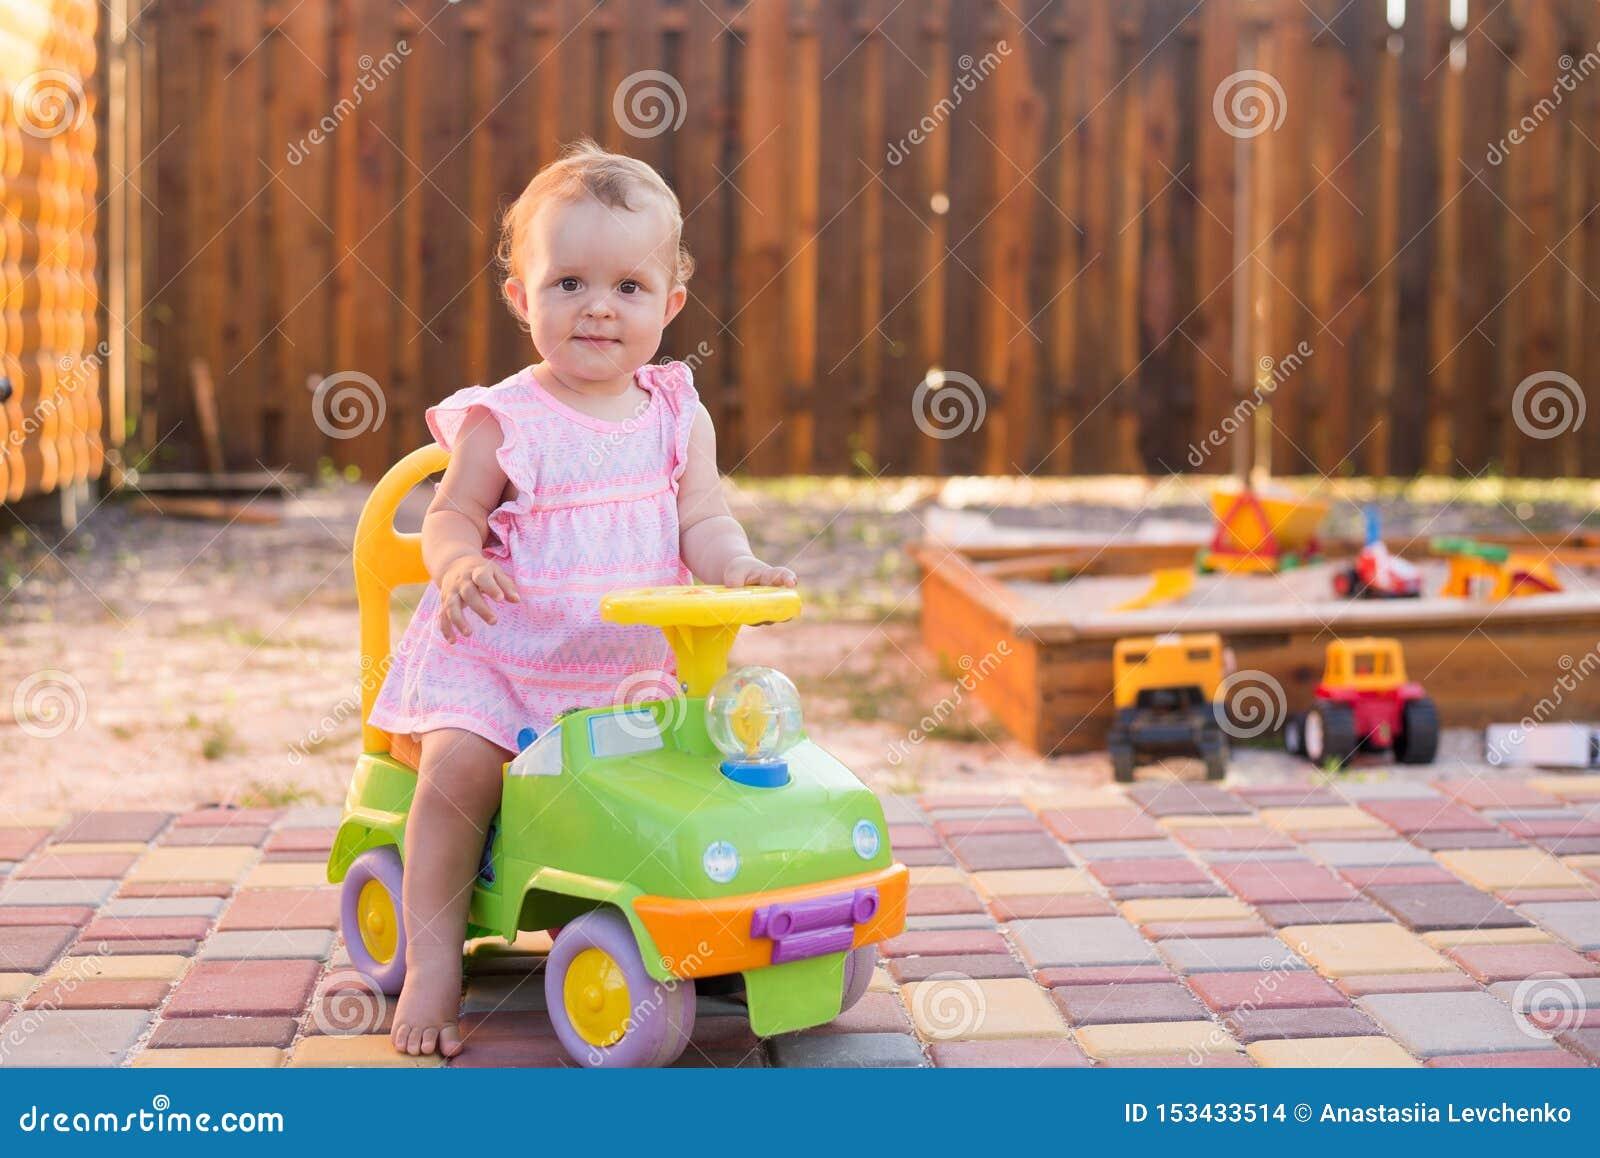 Ребенок управляя автомобилем игрушки на спортивной площадке на открытом воздухе, предпосылке лета, космосе экземпляра